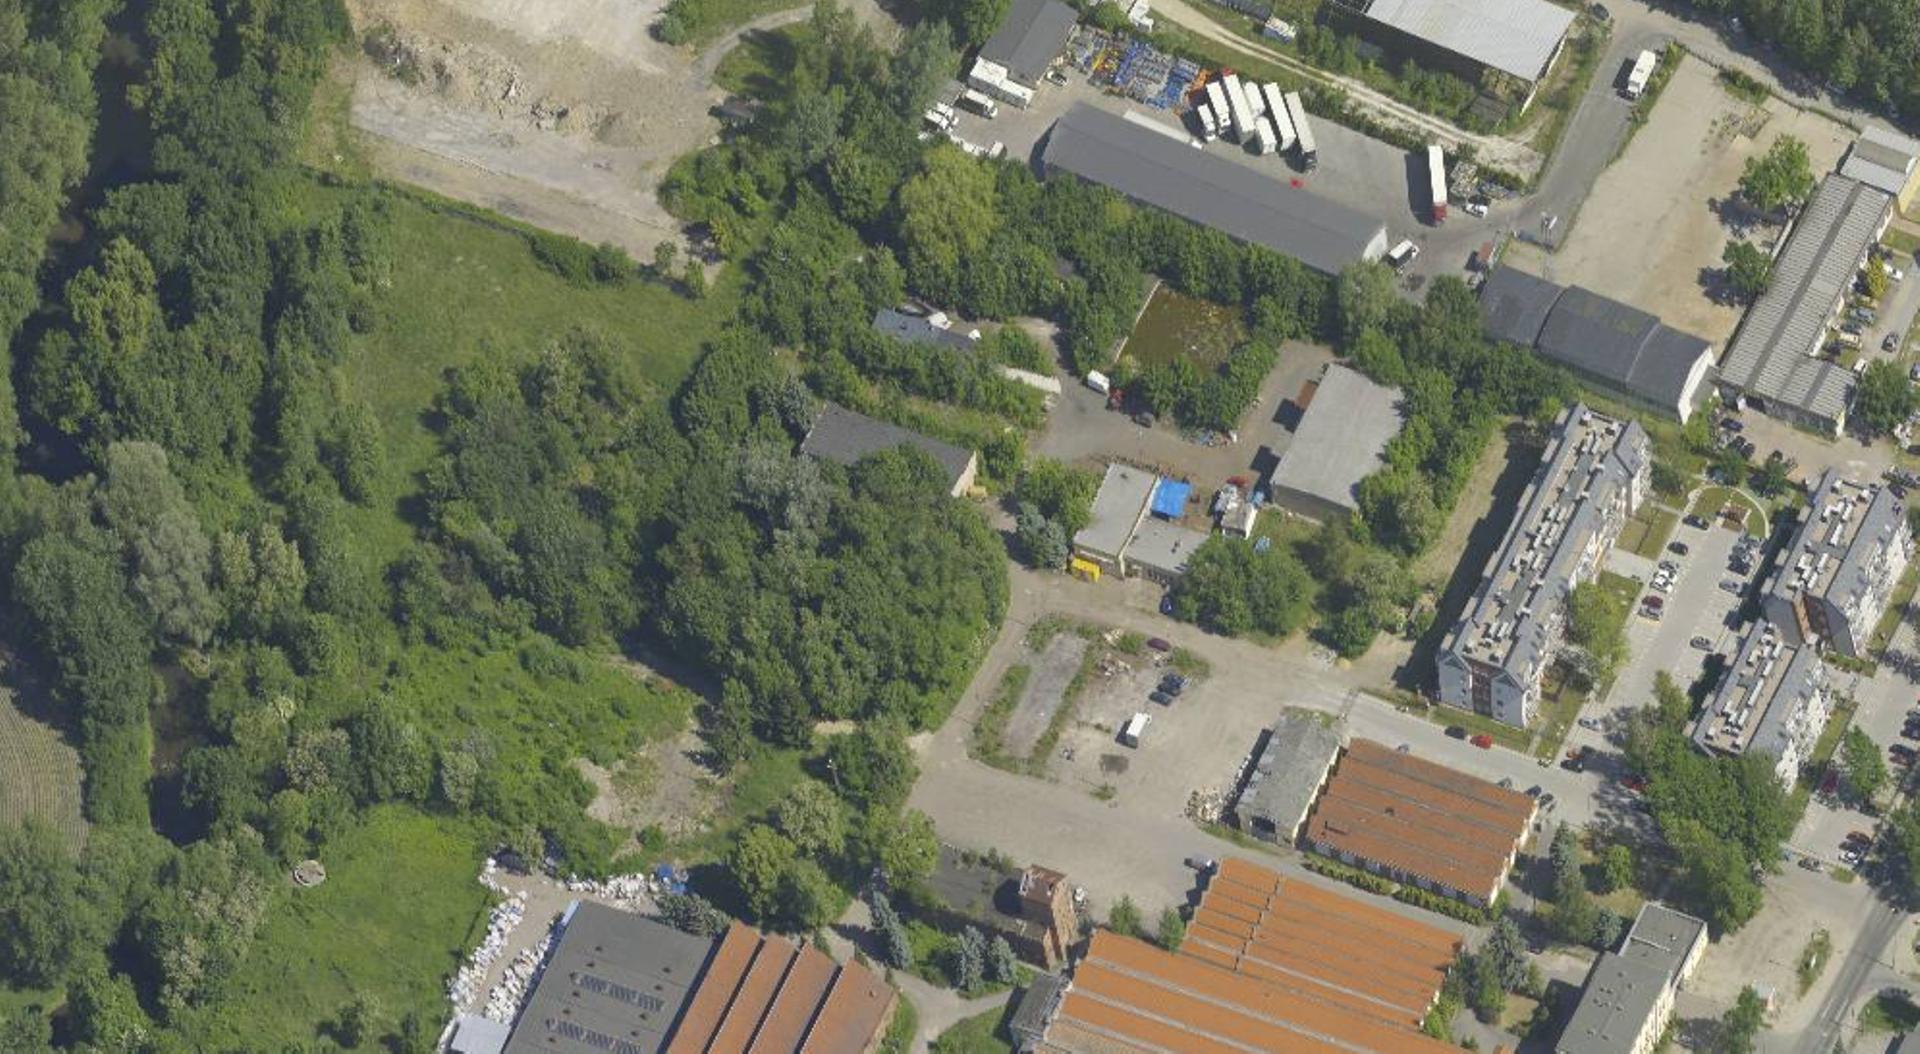 Wrocław: Profit Development inwestuje na Stabłowicach po raz drugi